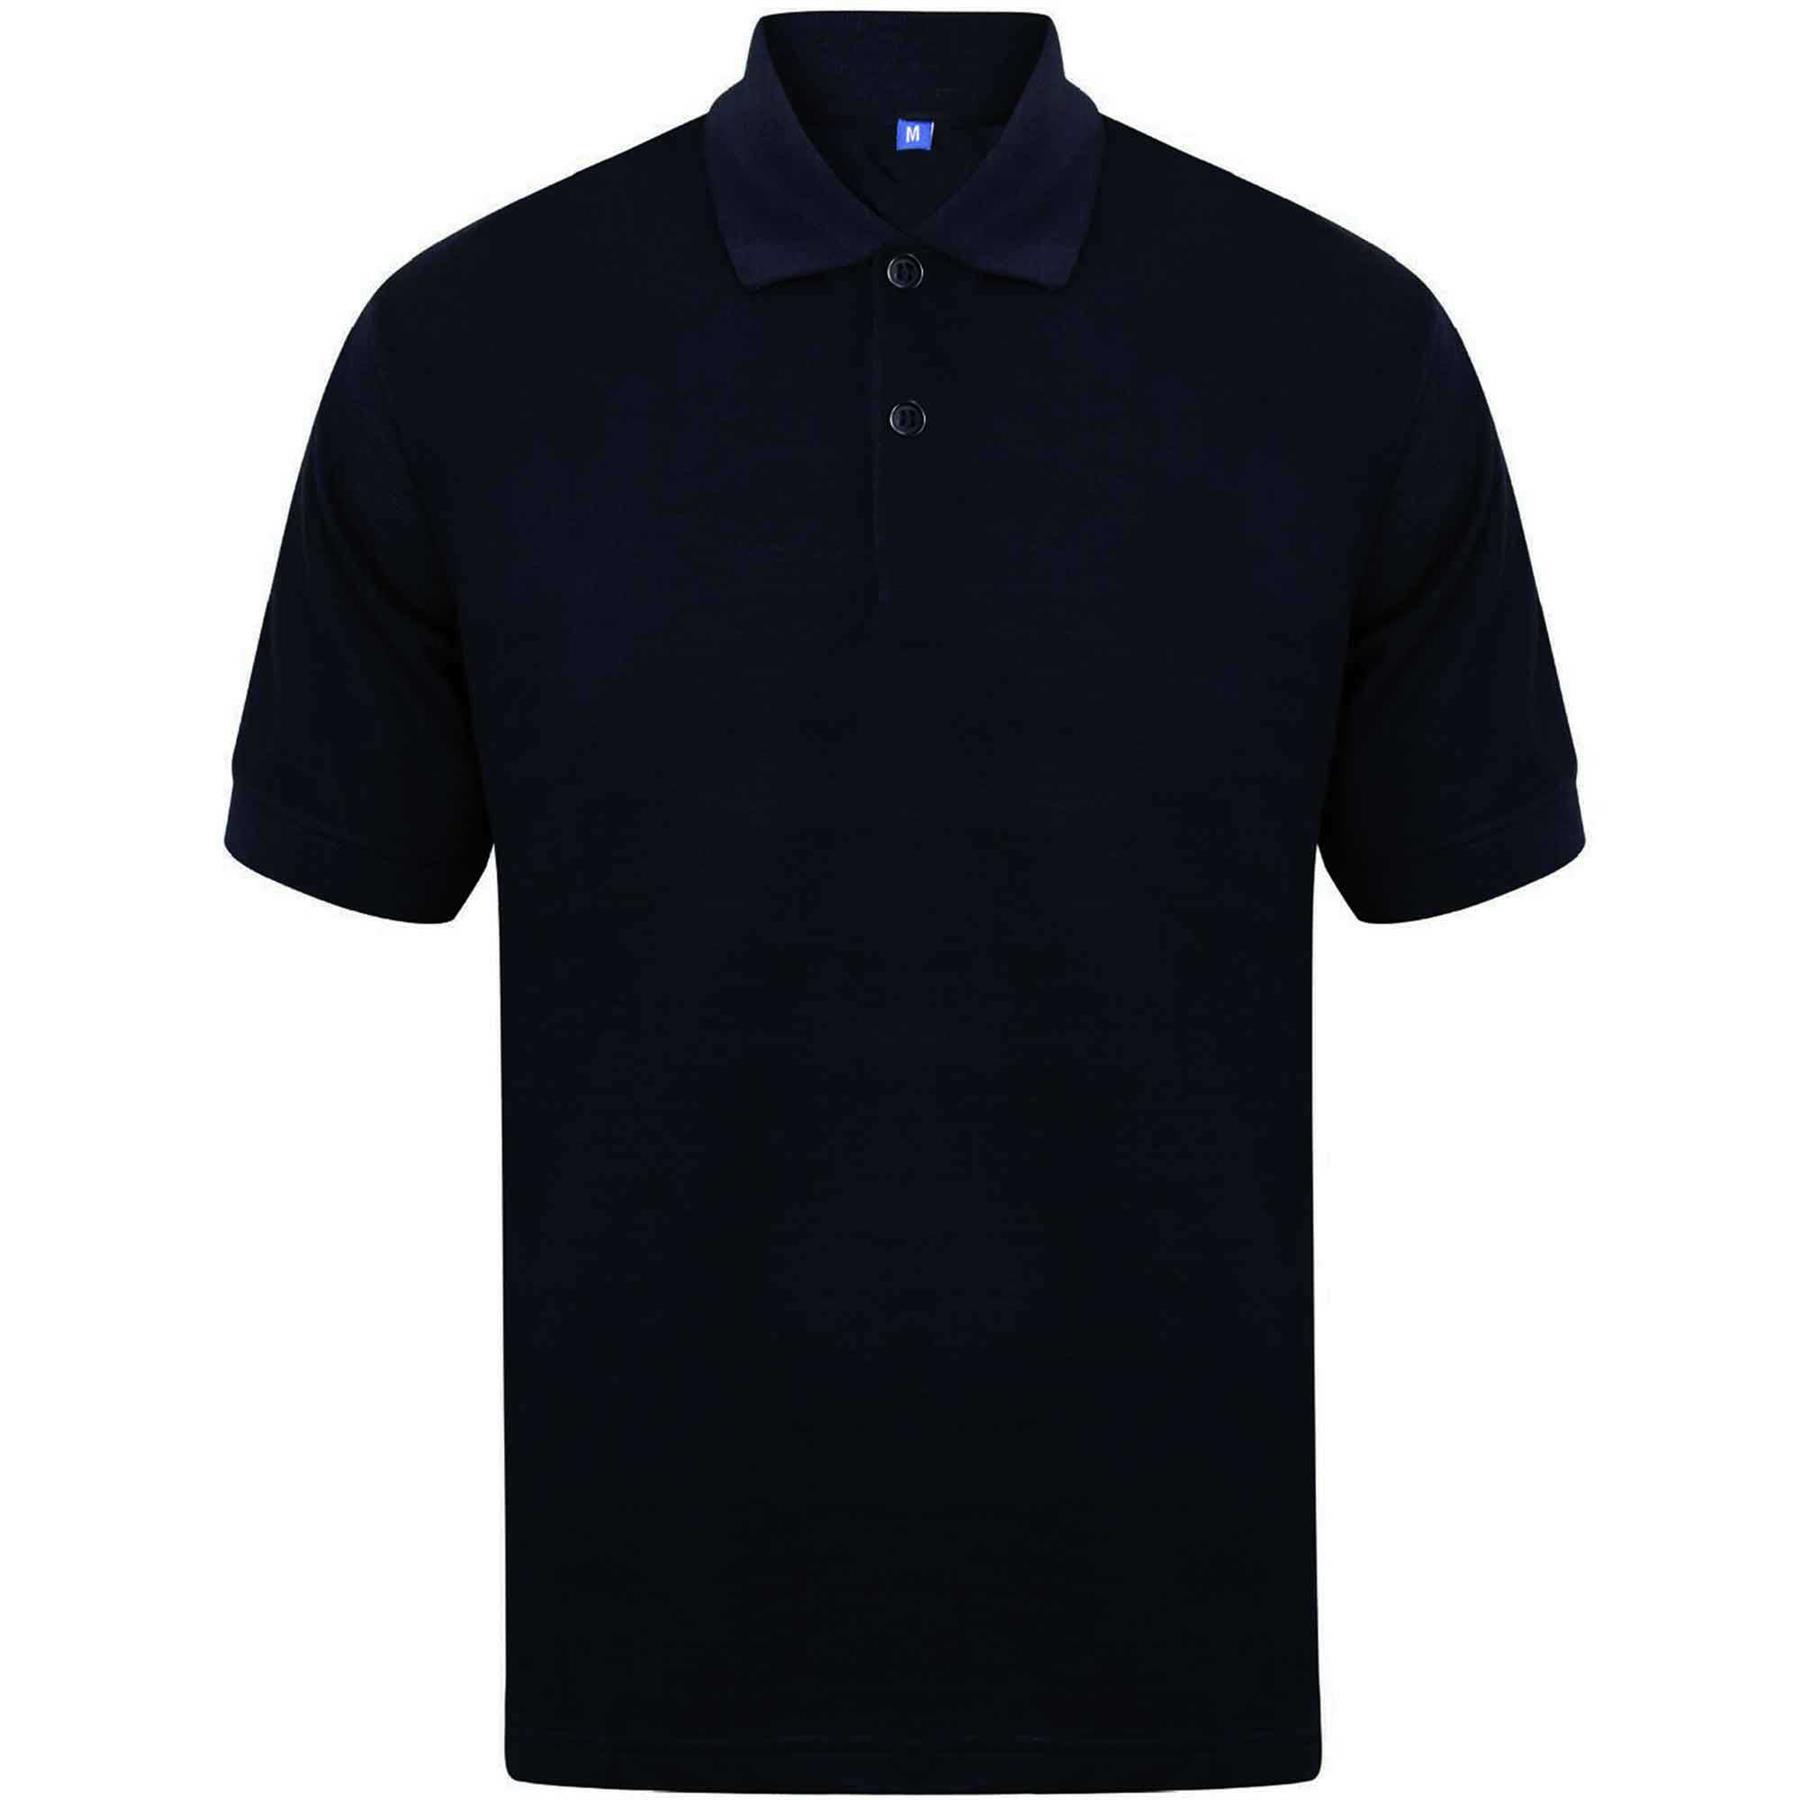 Indexbild 15 - Herren Polohemd Freizeit T-Shirts Neu Schlicht Kurzärmeliges Regular Fit